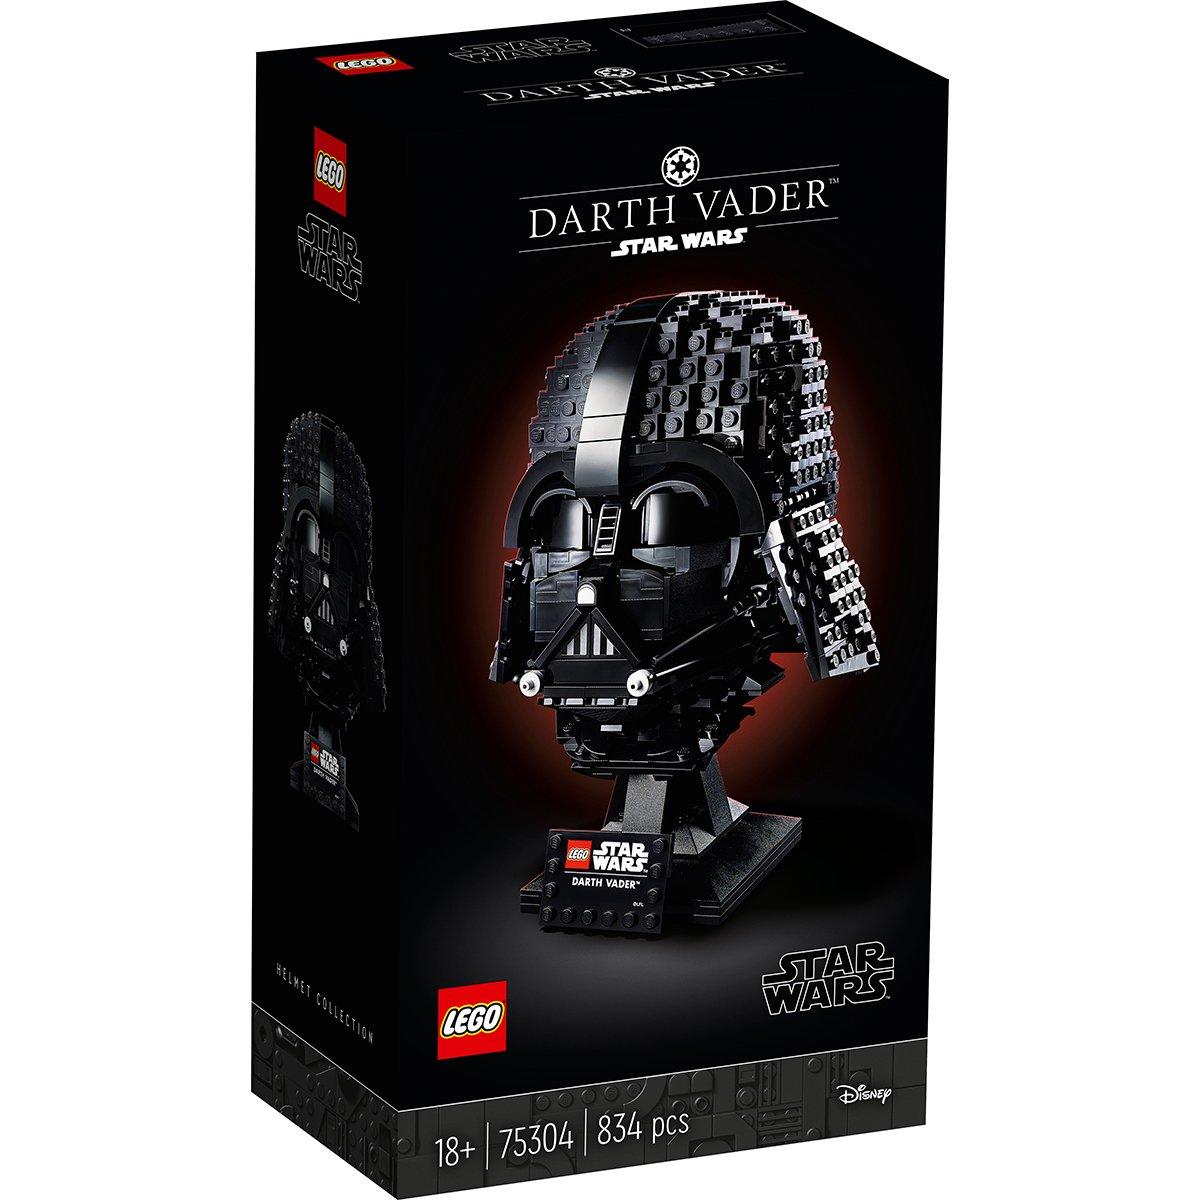 LEGO® Star Wars - Darth Vader Helmet (75304)